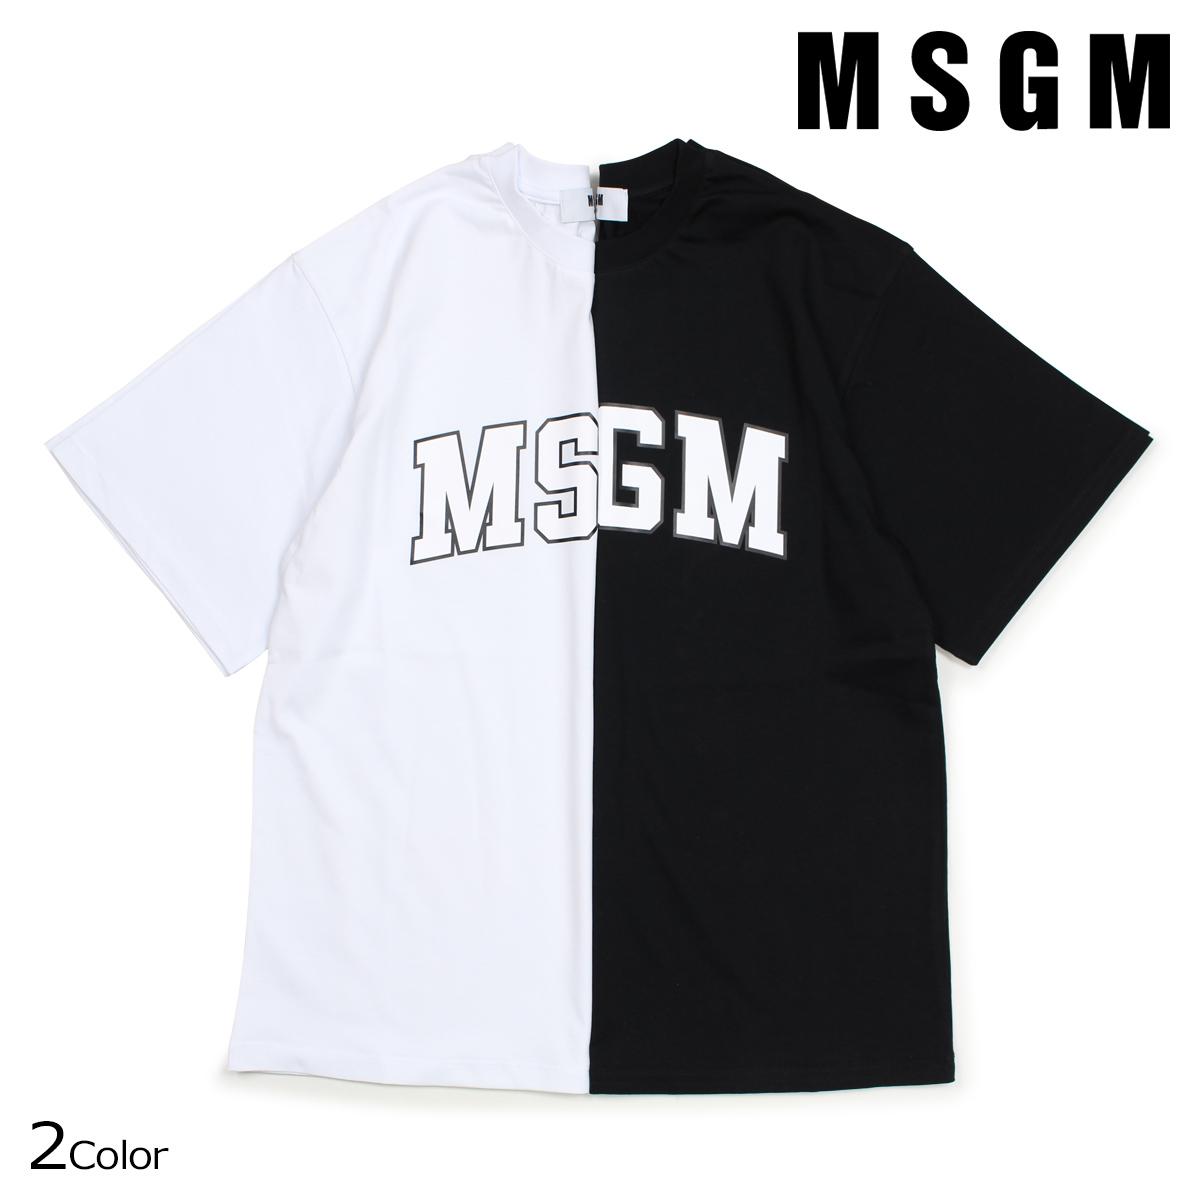 【最大2000円OFFクーポン】 MSGM エムエスジーエム Tシャツ レディース 半袖 COLLEGE LOGO T-SHIRTS ブラック ホワイト 2541MDM162 184798